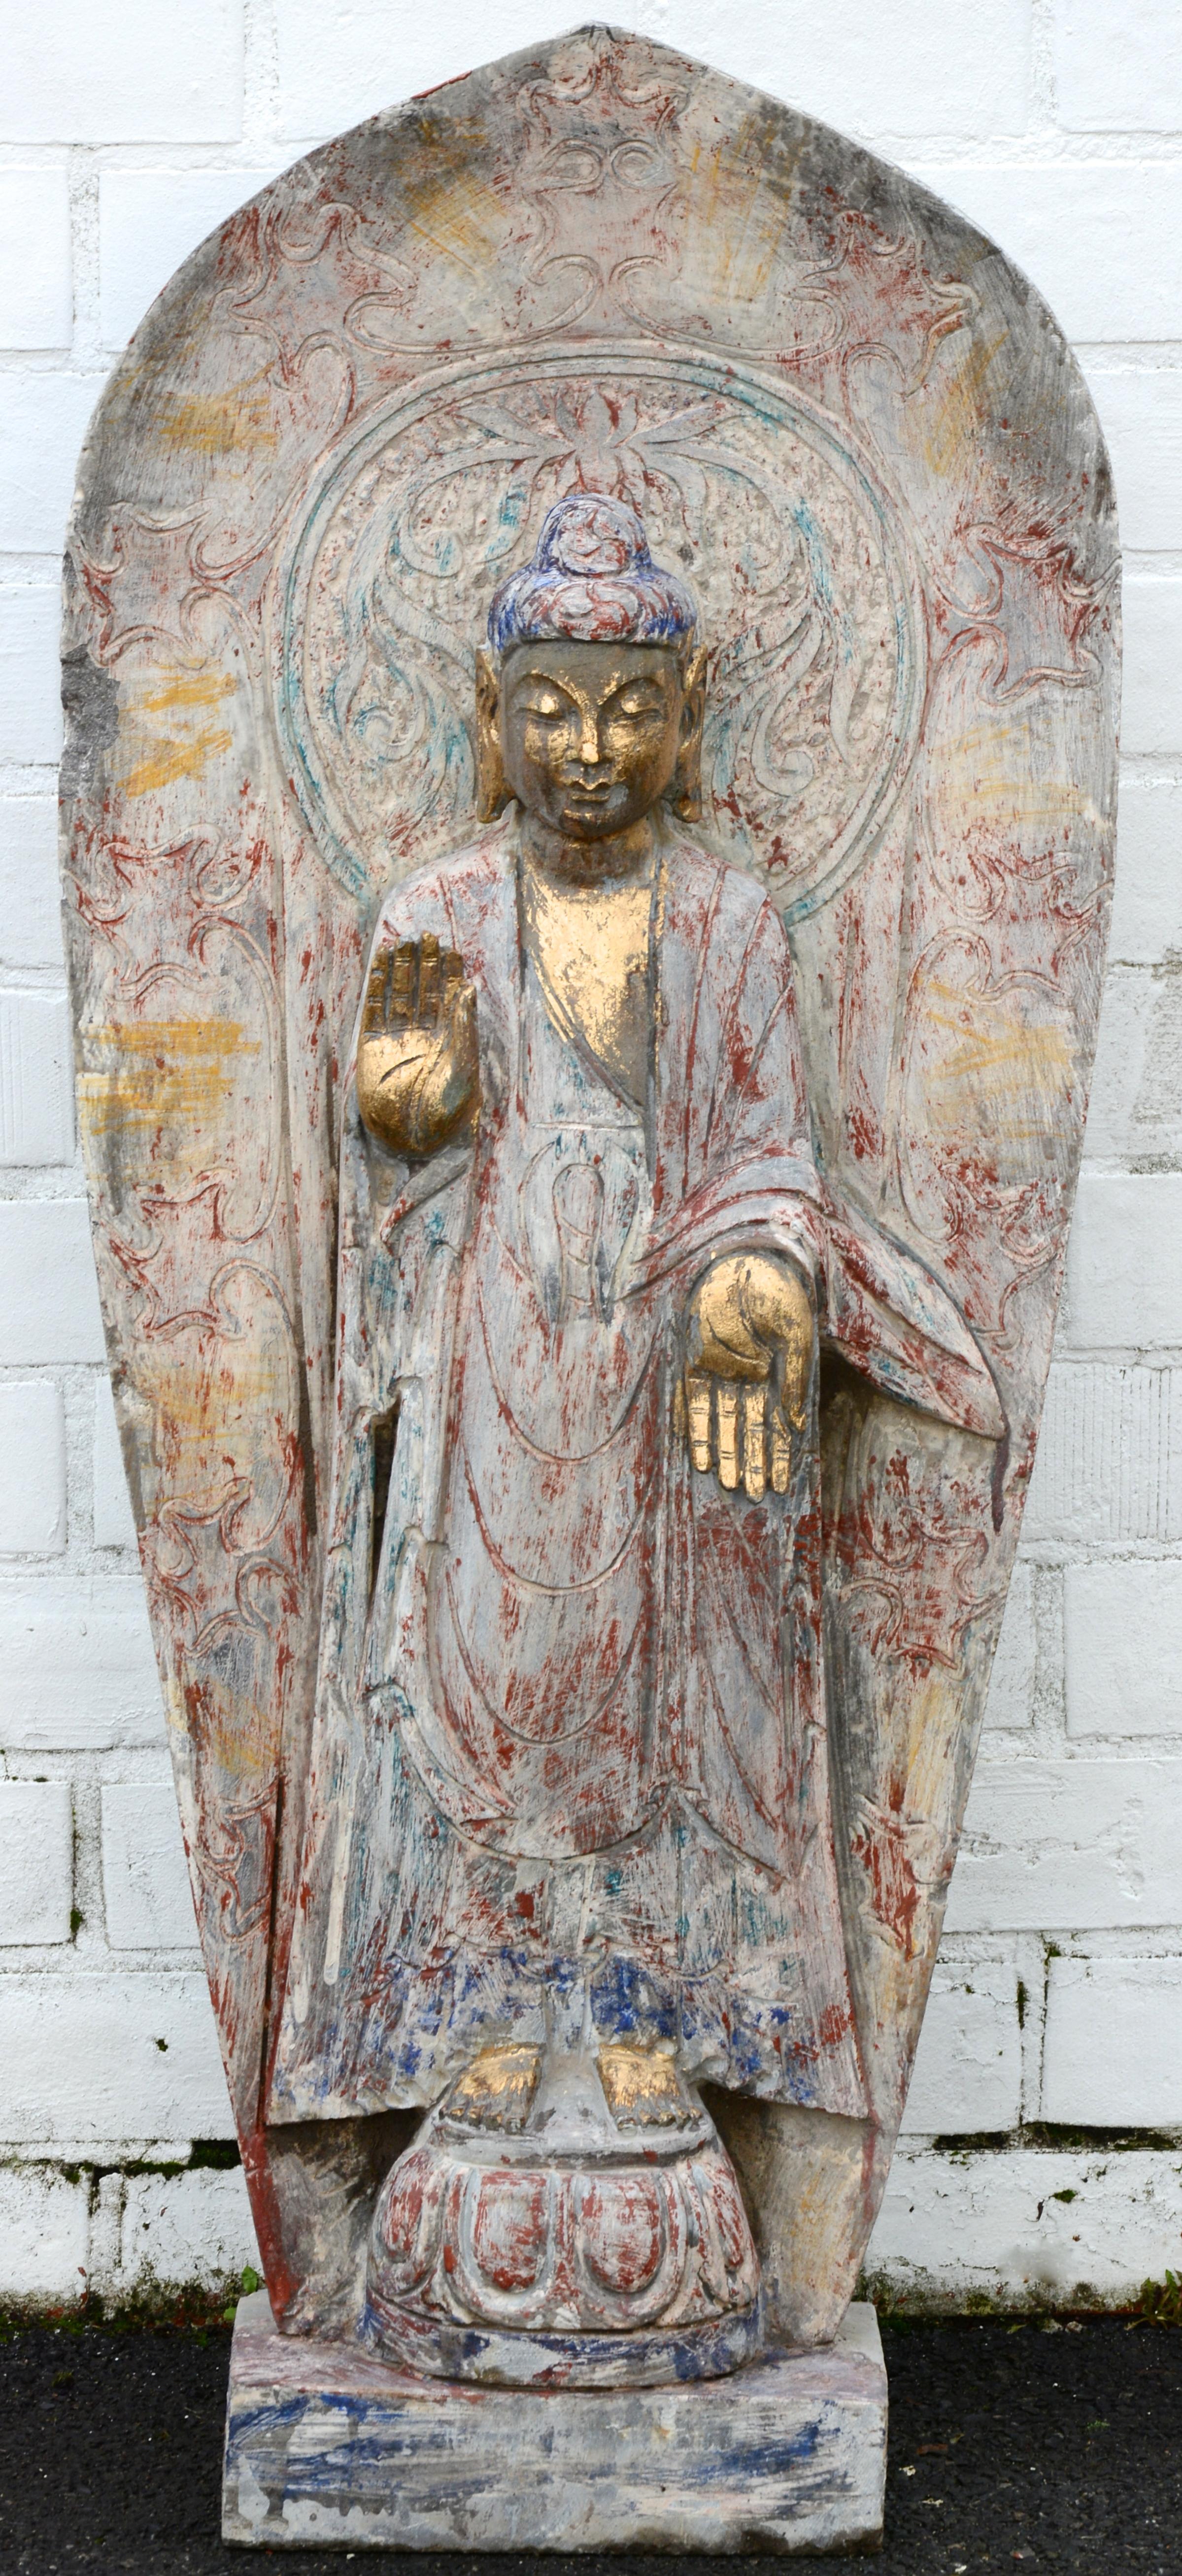 Stenen beeld van Boeddha in een schrijn. Sporen van polychromie.